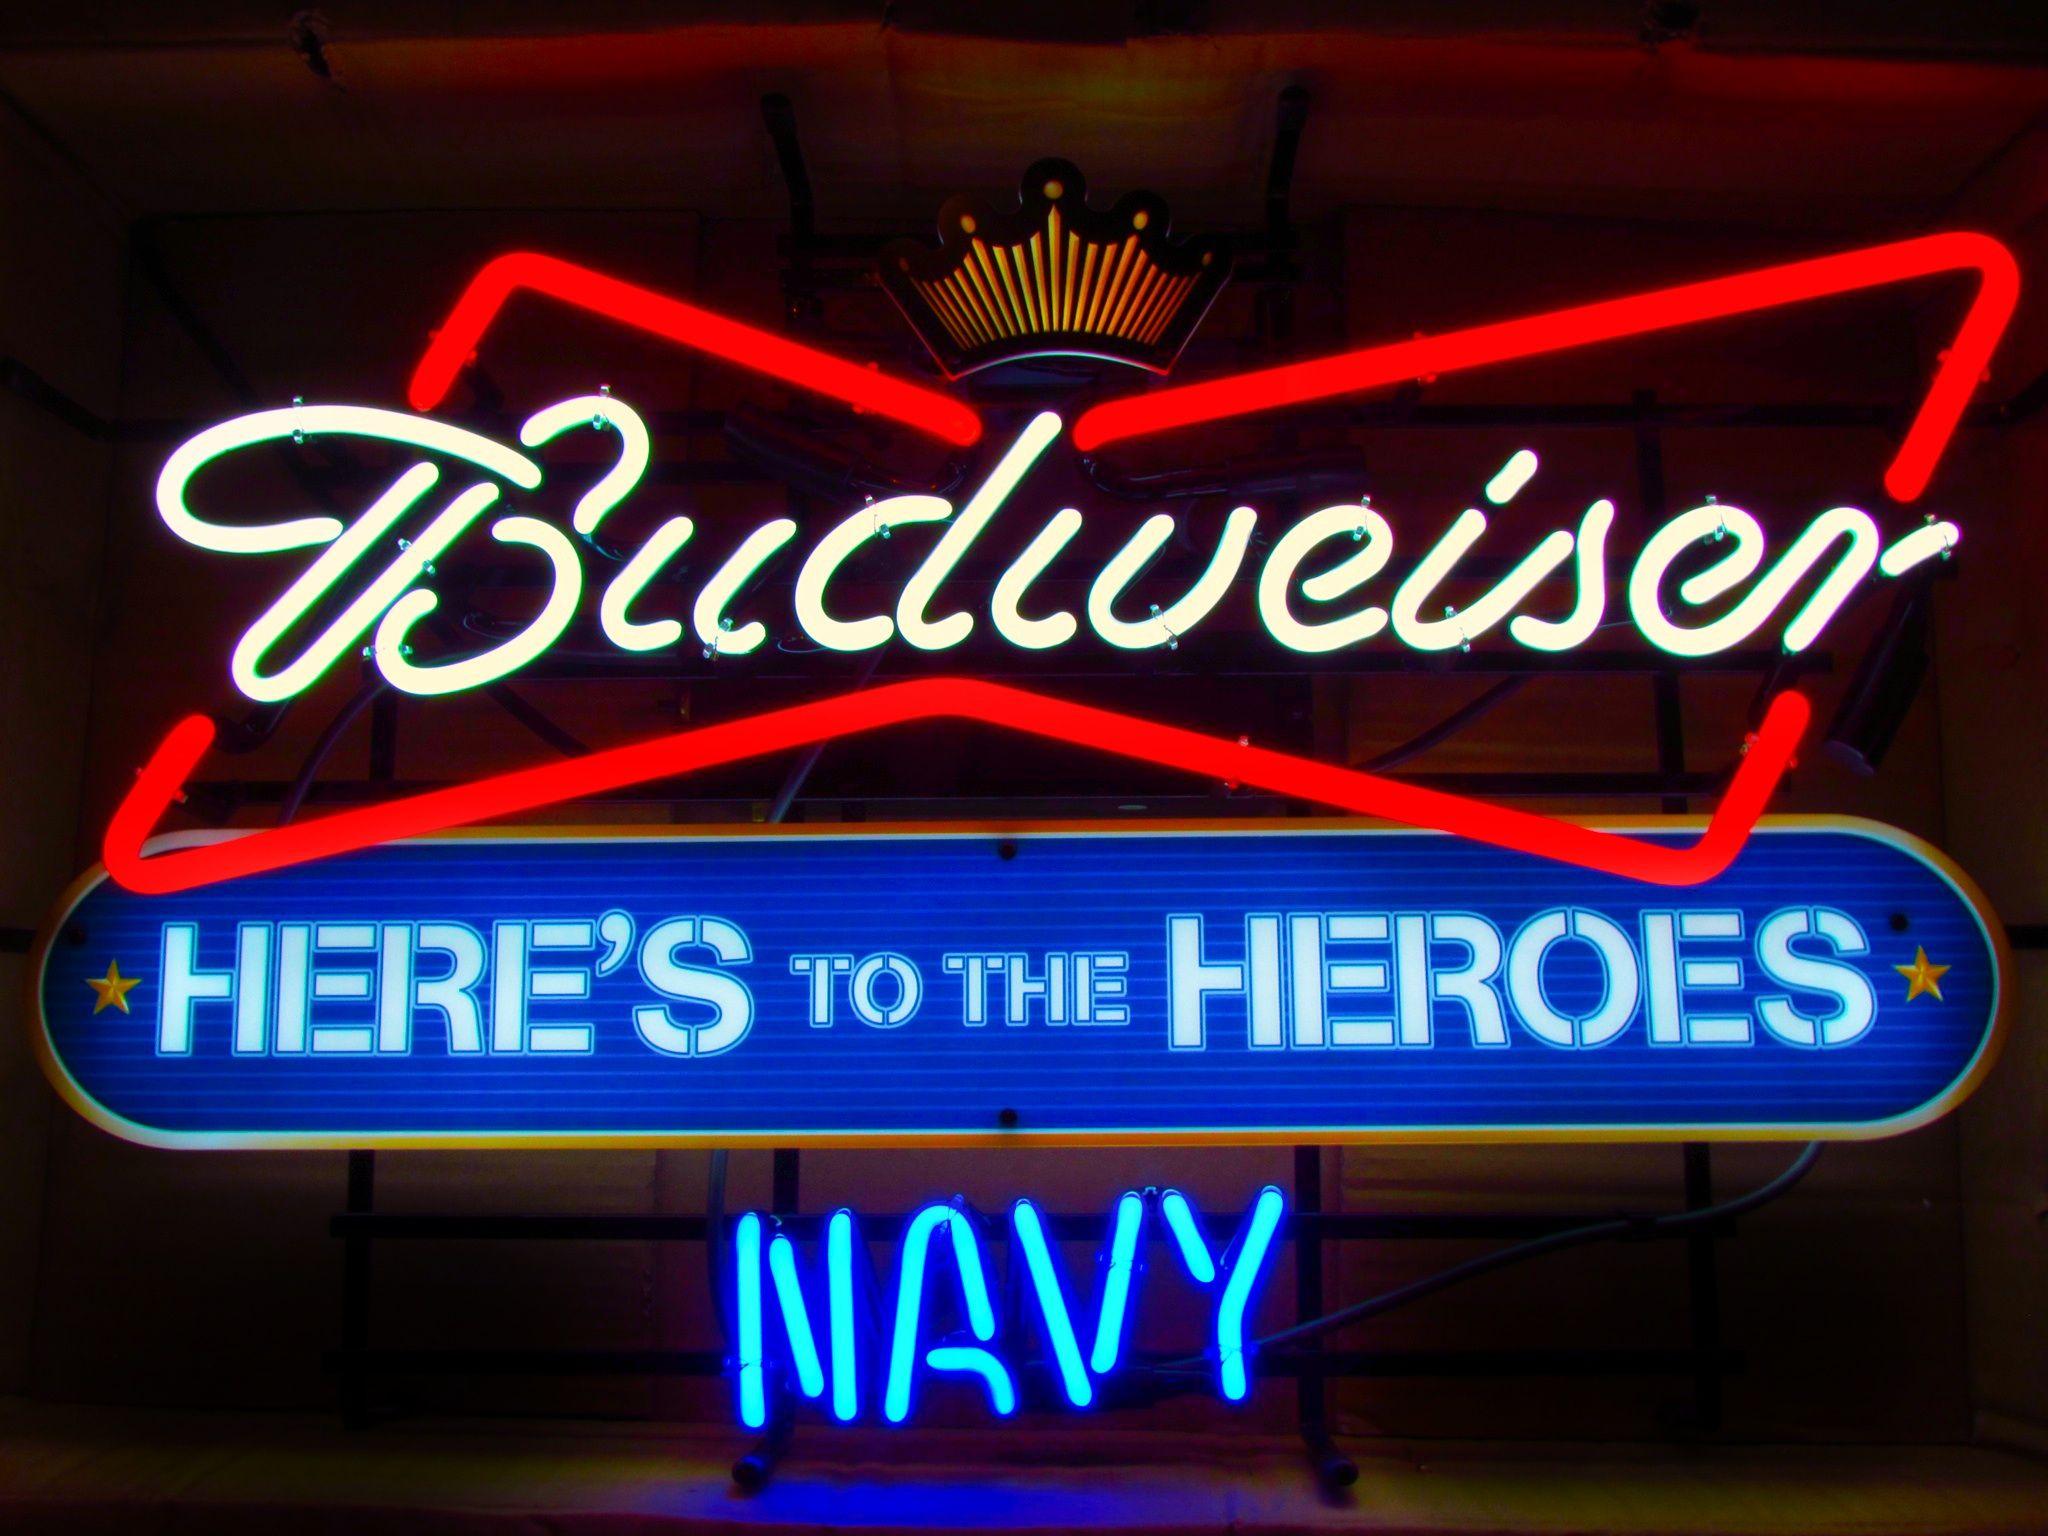 Budweiser us navy heroes neon beer sign for sale http budweiser us navy heroes neon beer sign for sale httpbucknashtybiz aloadofball Choice Image